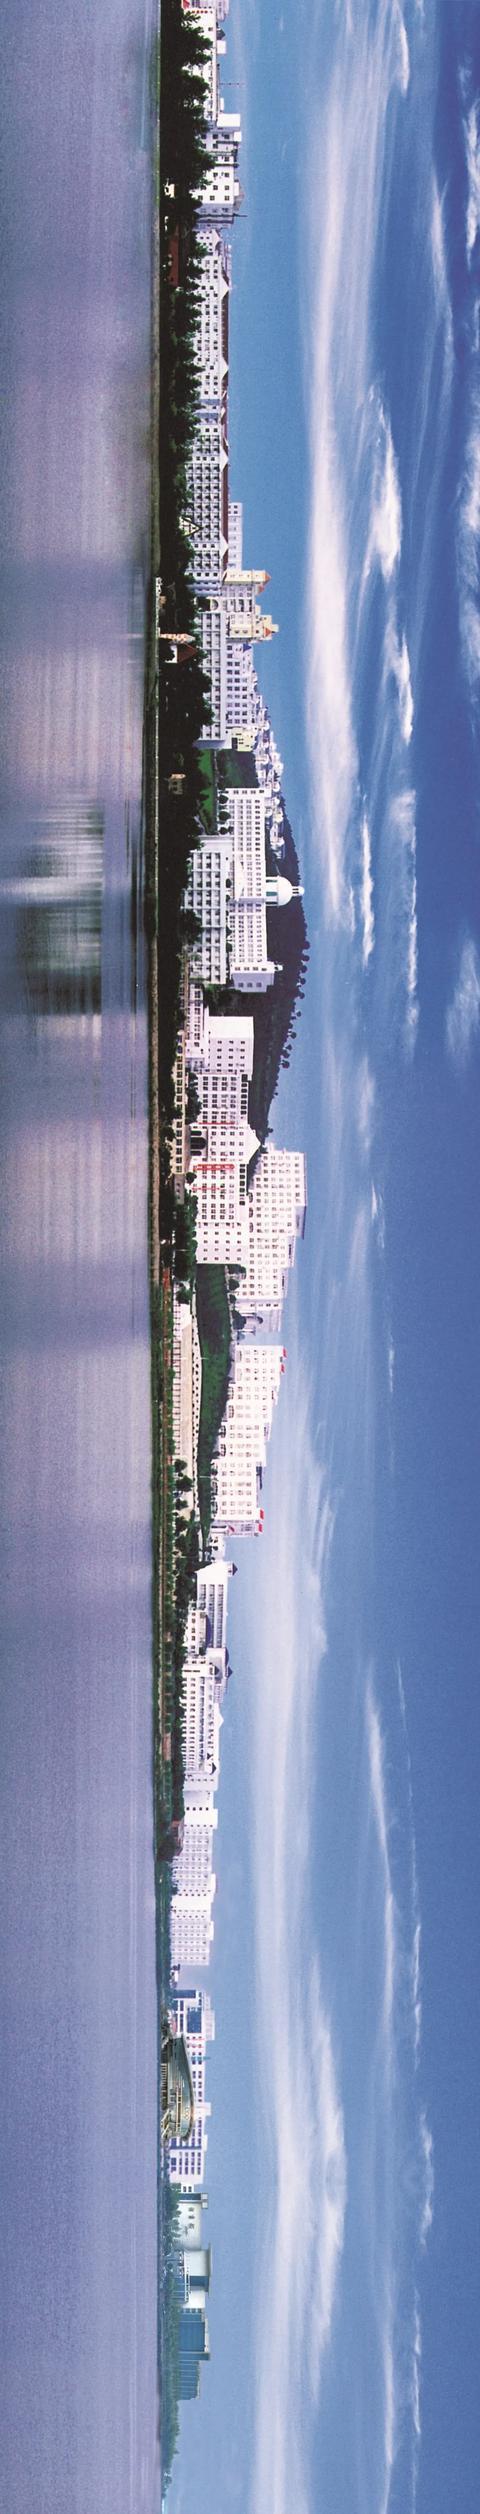 武昌理工�W院打造�L景�@林式校�@ 被�u�槿���十大美��湖畔校�@